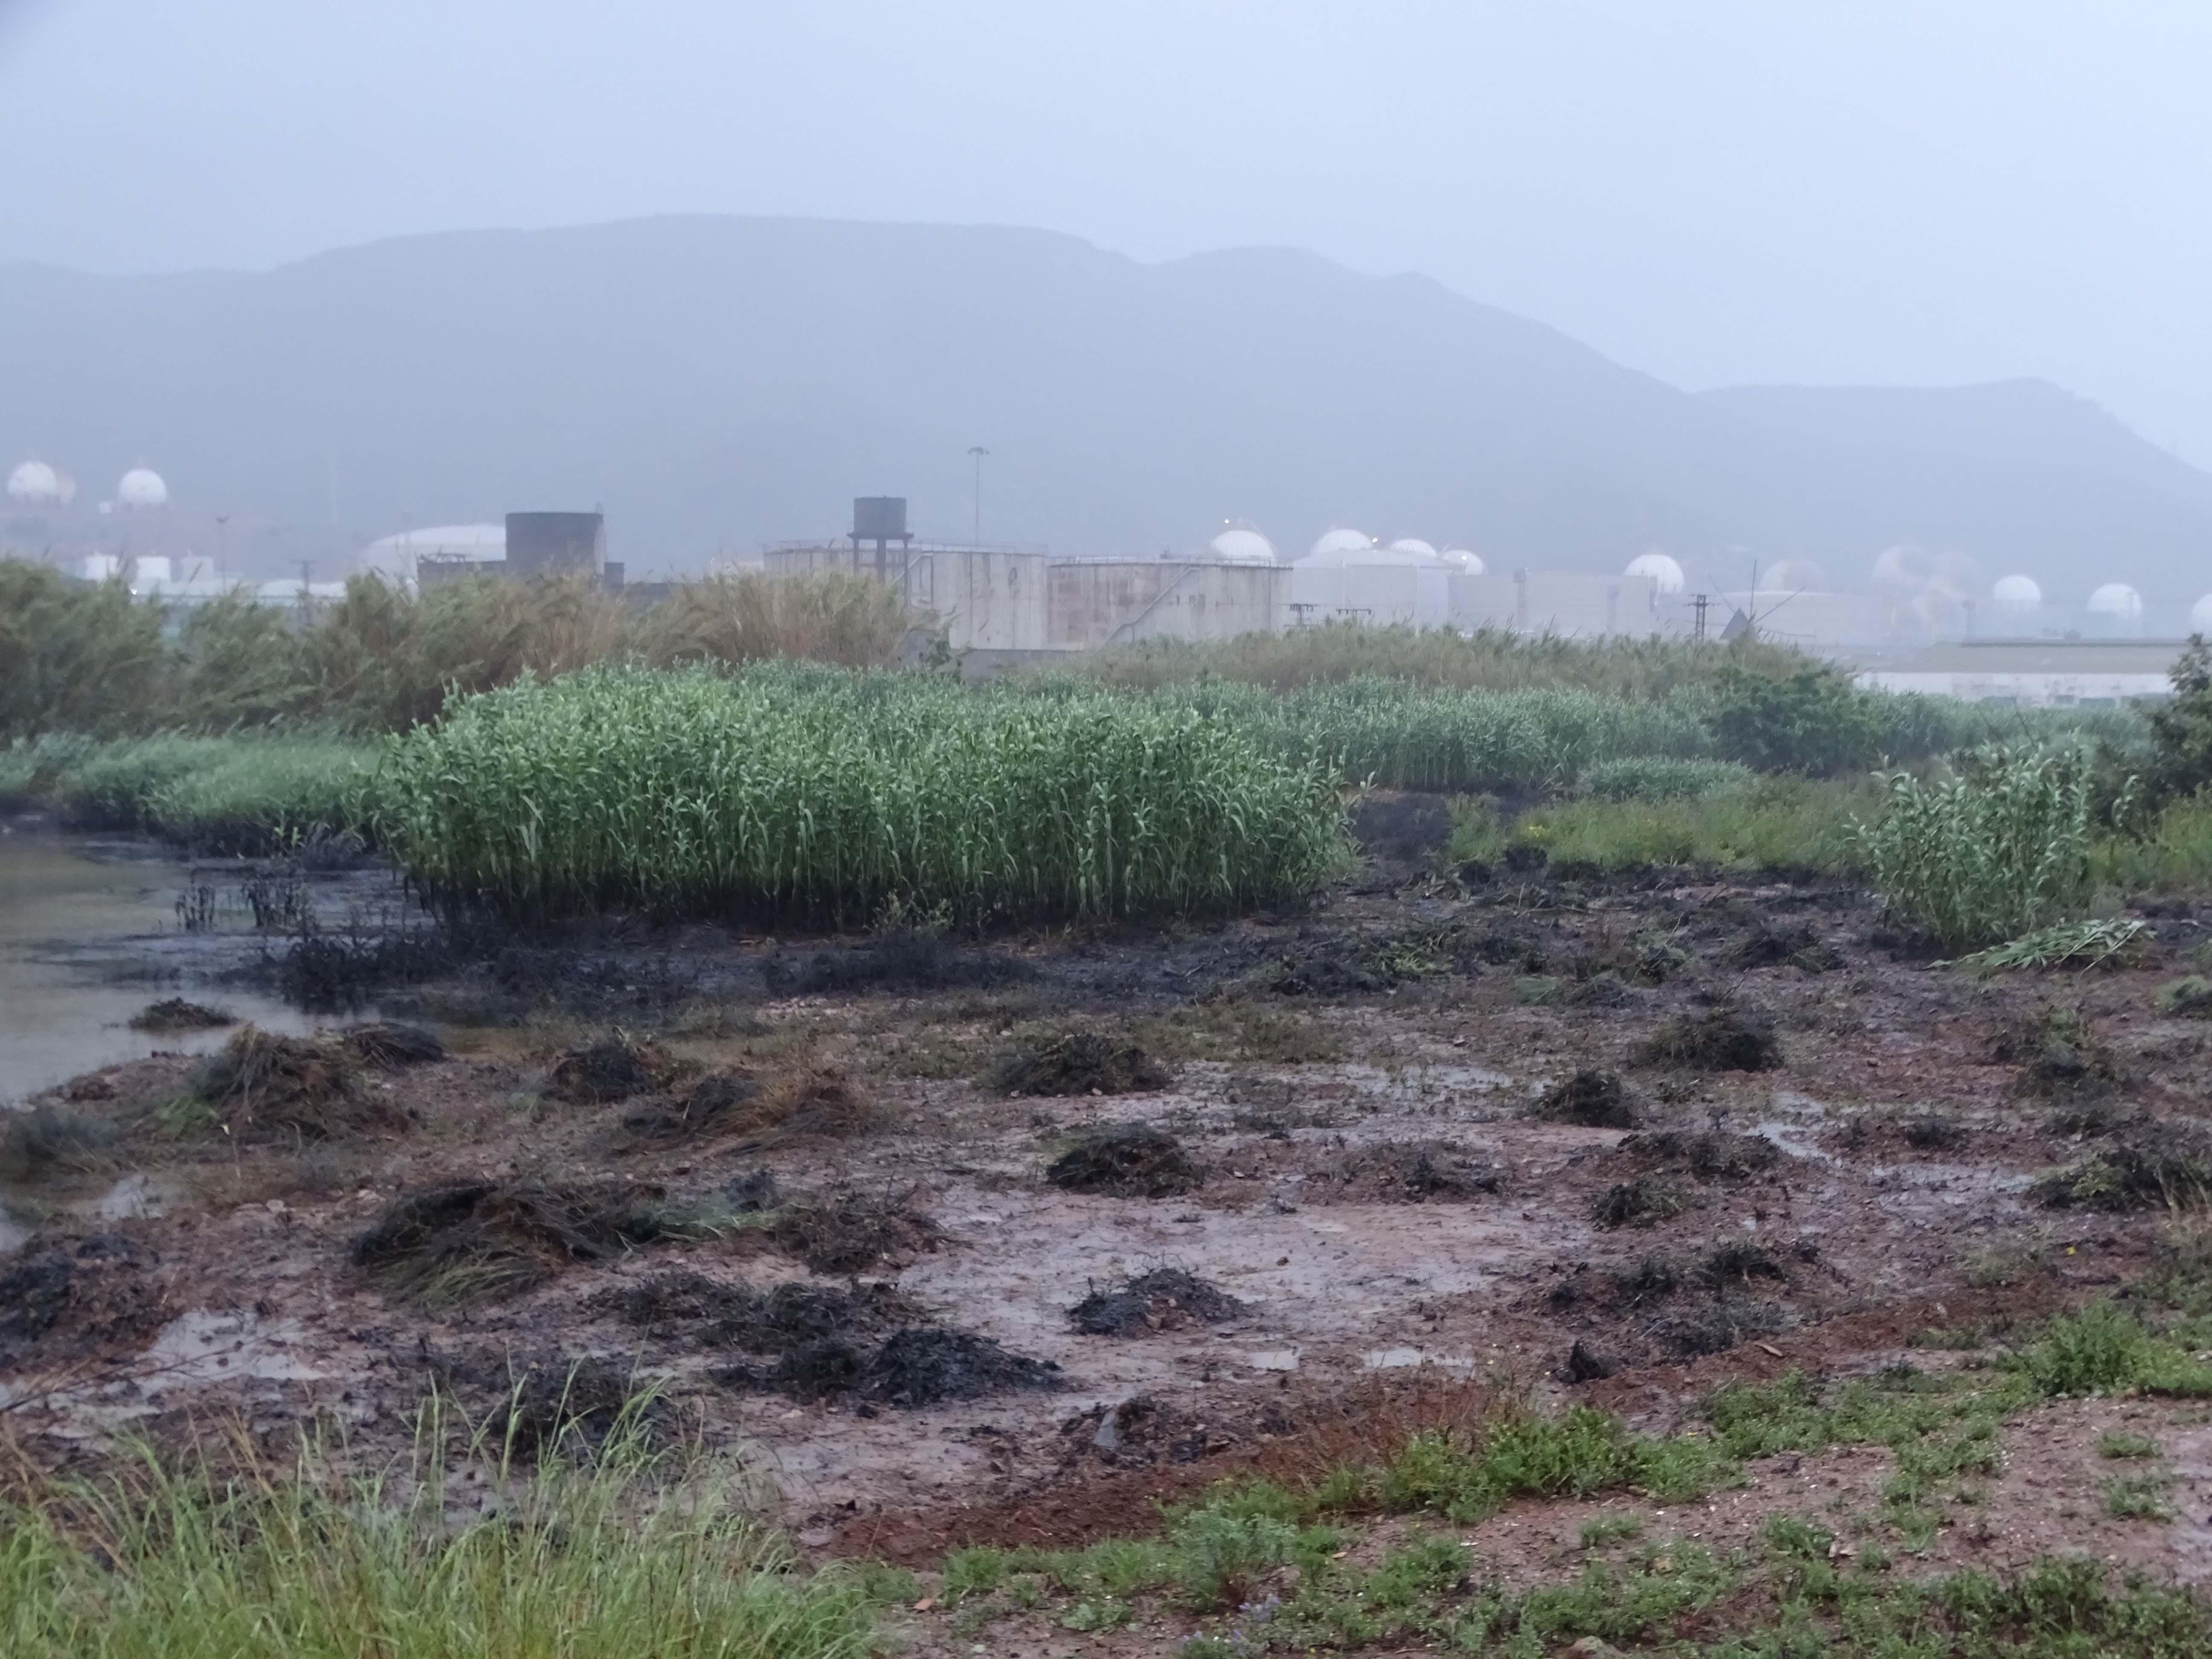 Más manchas de vertidos en los terrenos. Imagen: ANSE